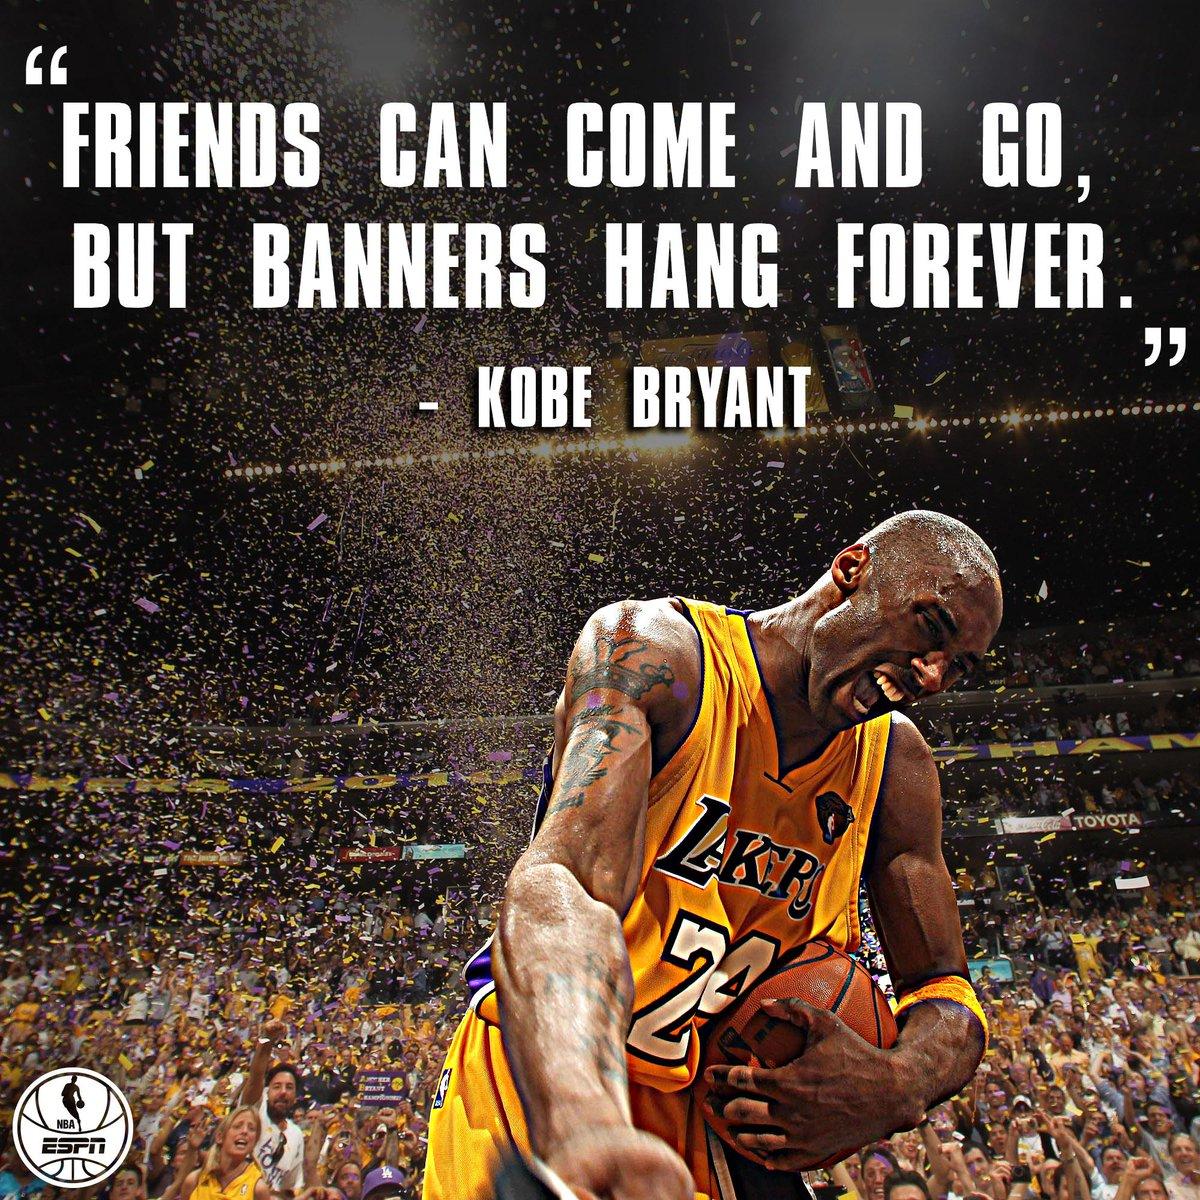 Kobe Bryant Quotes: 38 Years, 38 Of Kobe Bryant's Best Quotes.